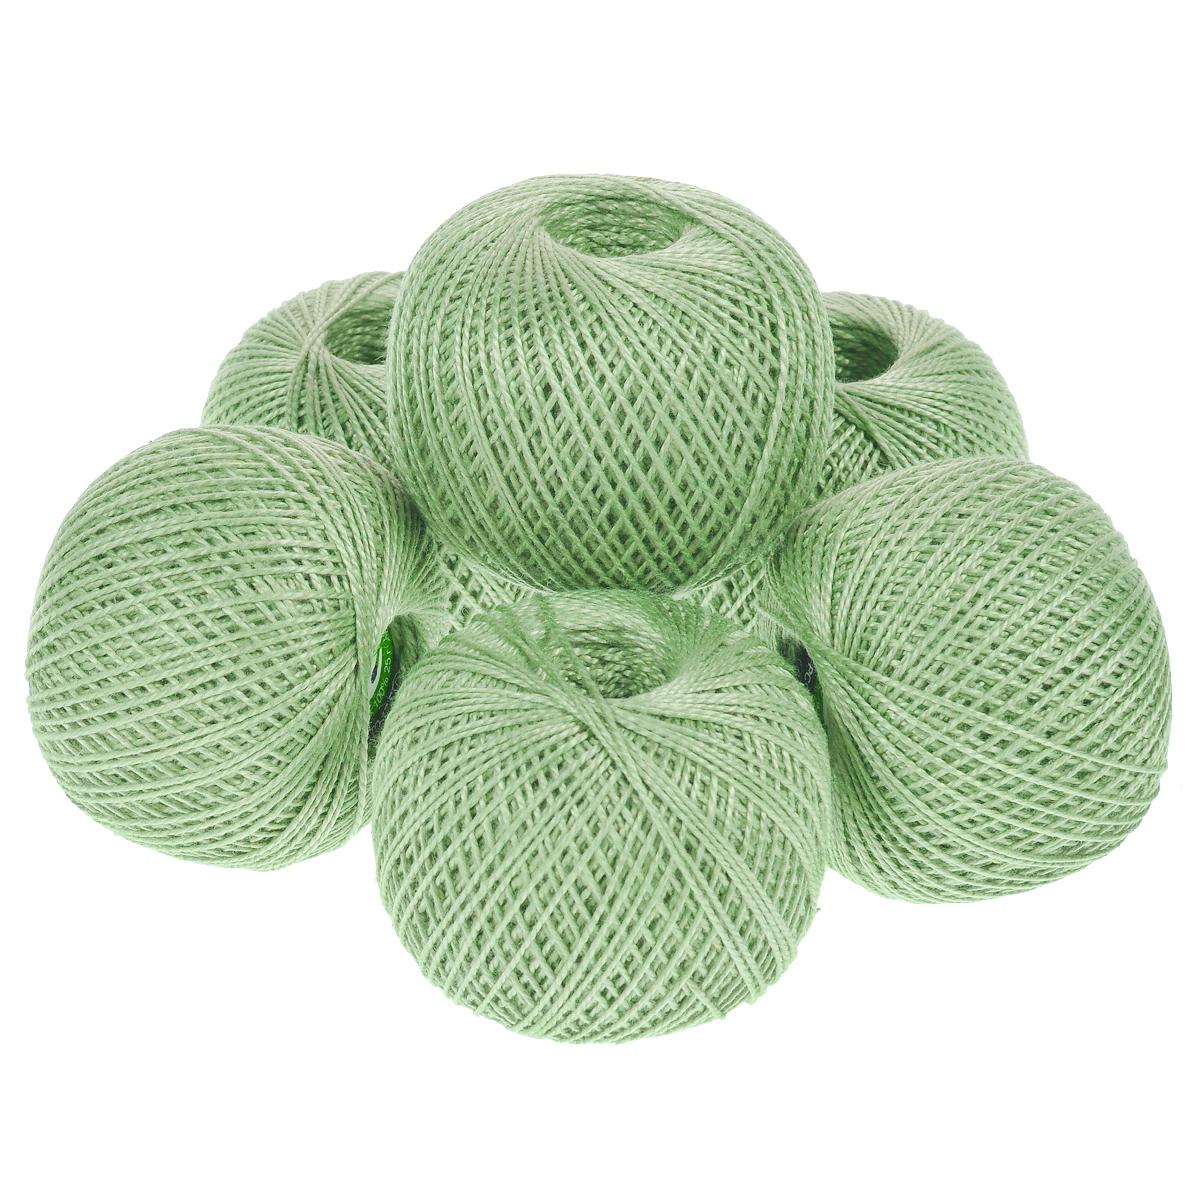 Нитки вязальные Ирис, хлопчатобумажные, цвет: бледно-зеленый (4002), 150 м, 25 г, 6 шт0211102209778